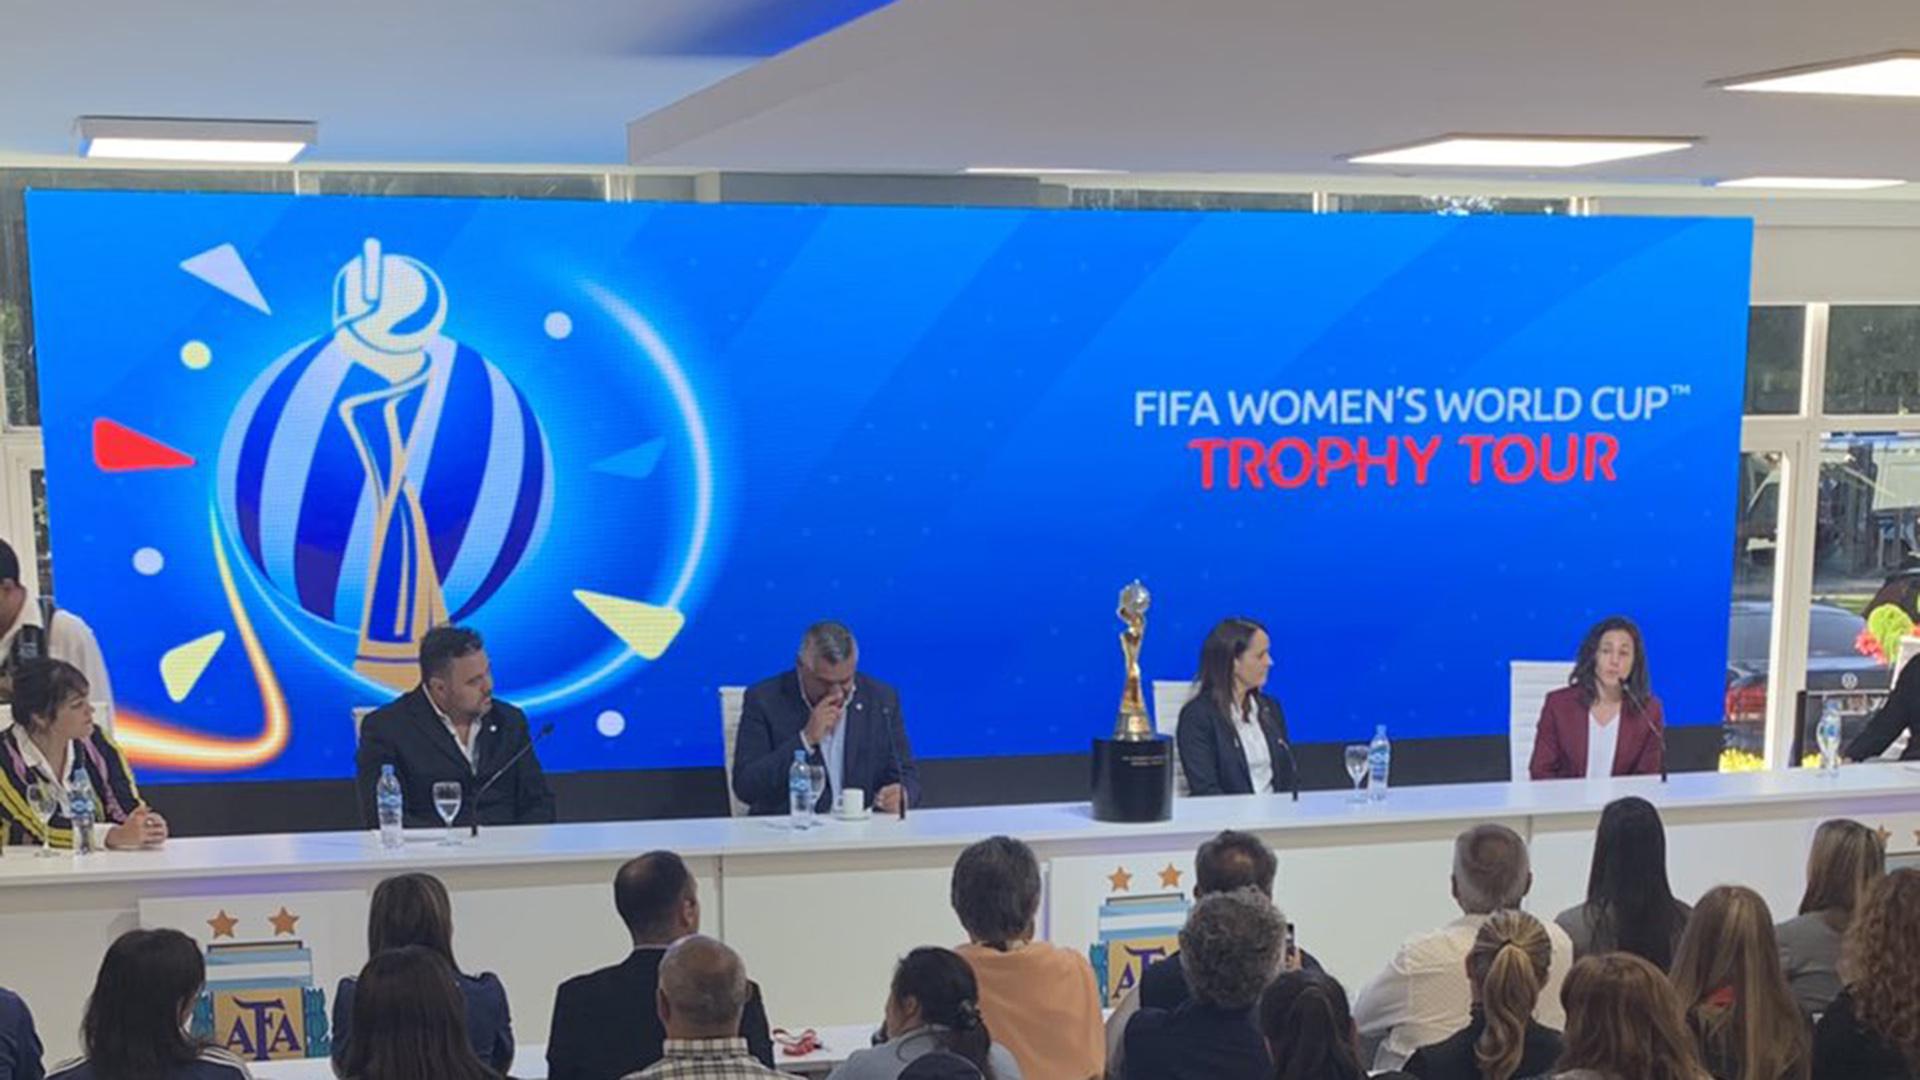 La conferencia de prensa de autoridades de AFA y FIFA se realizó en el predio de Ezeiza